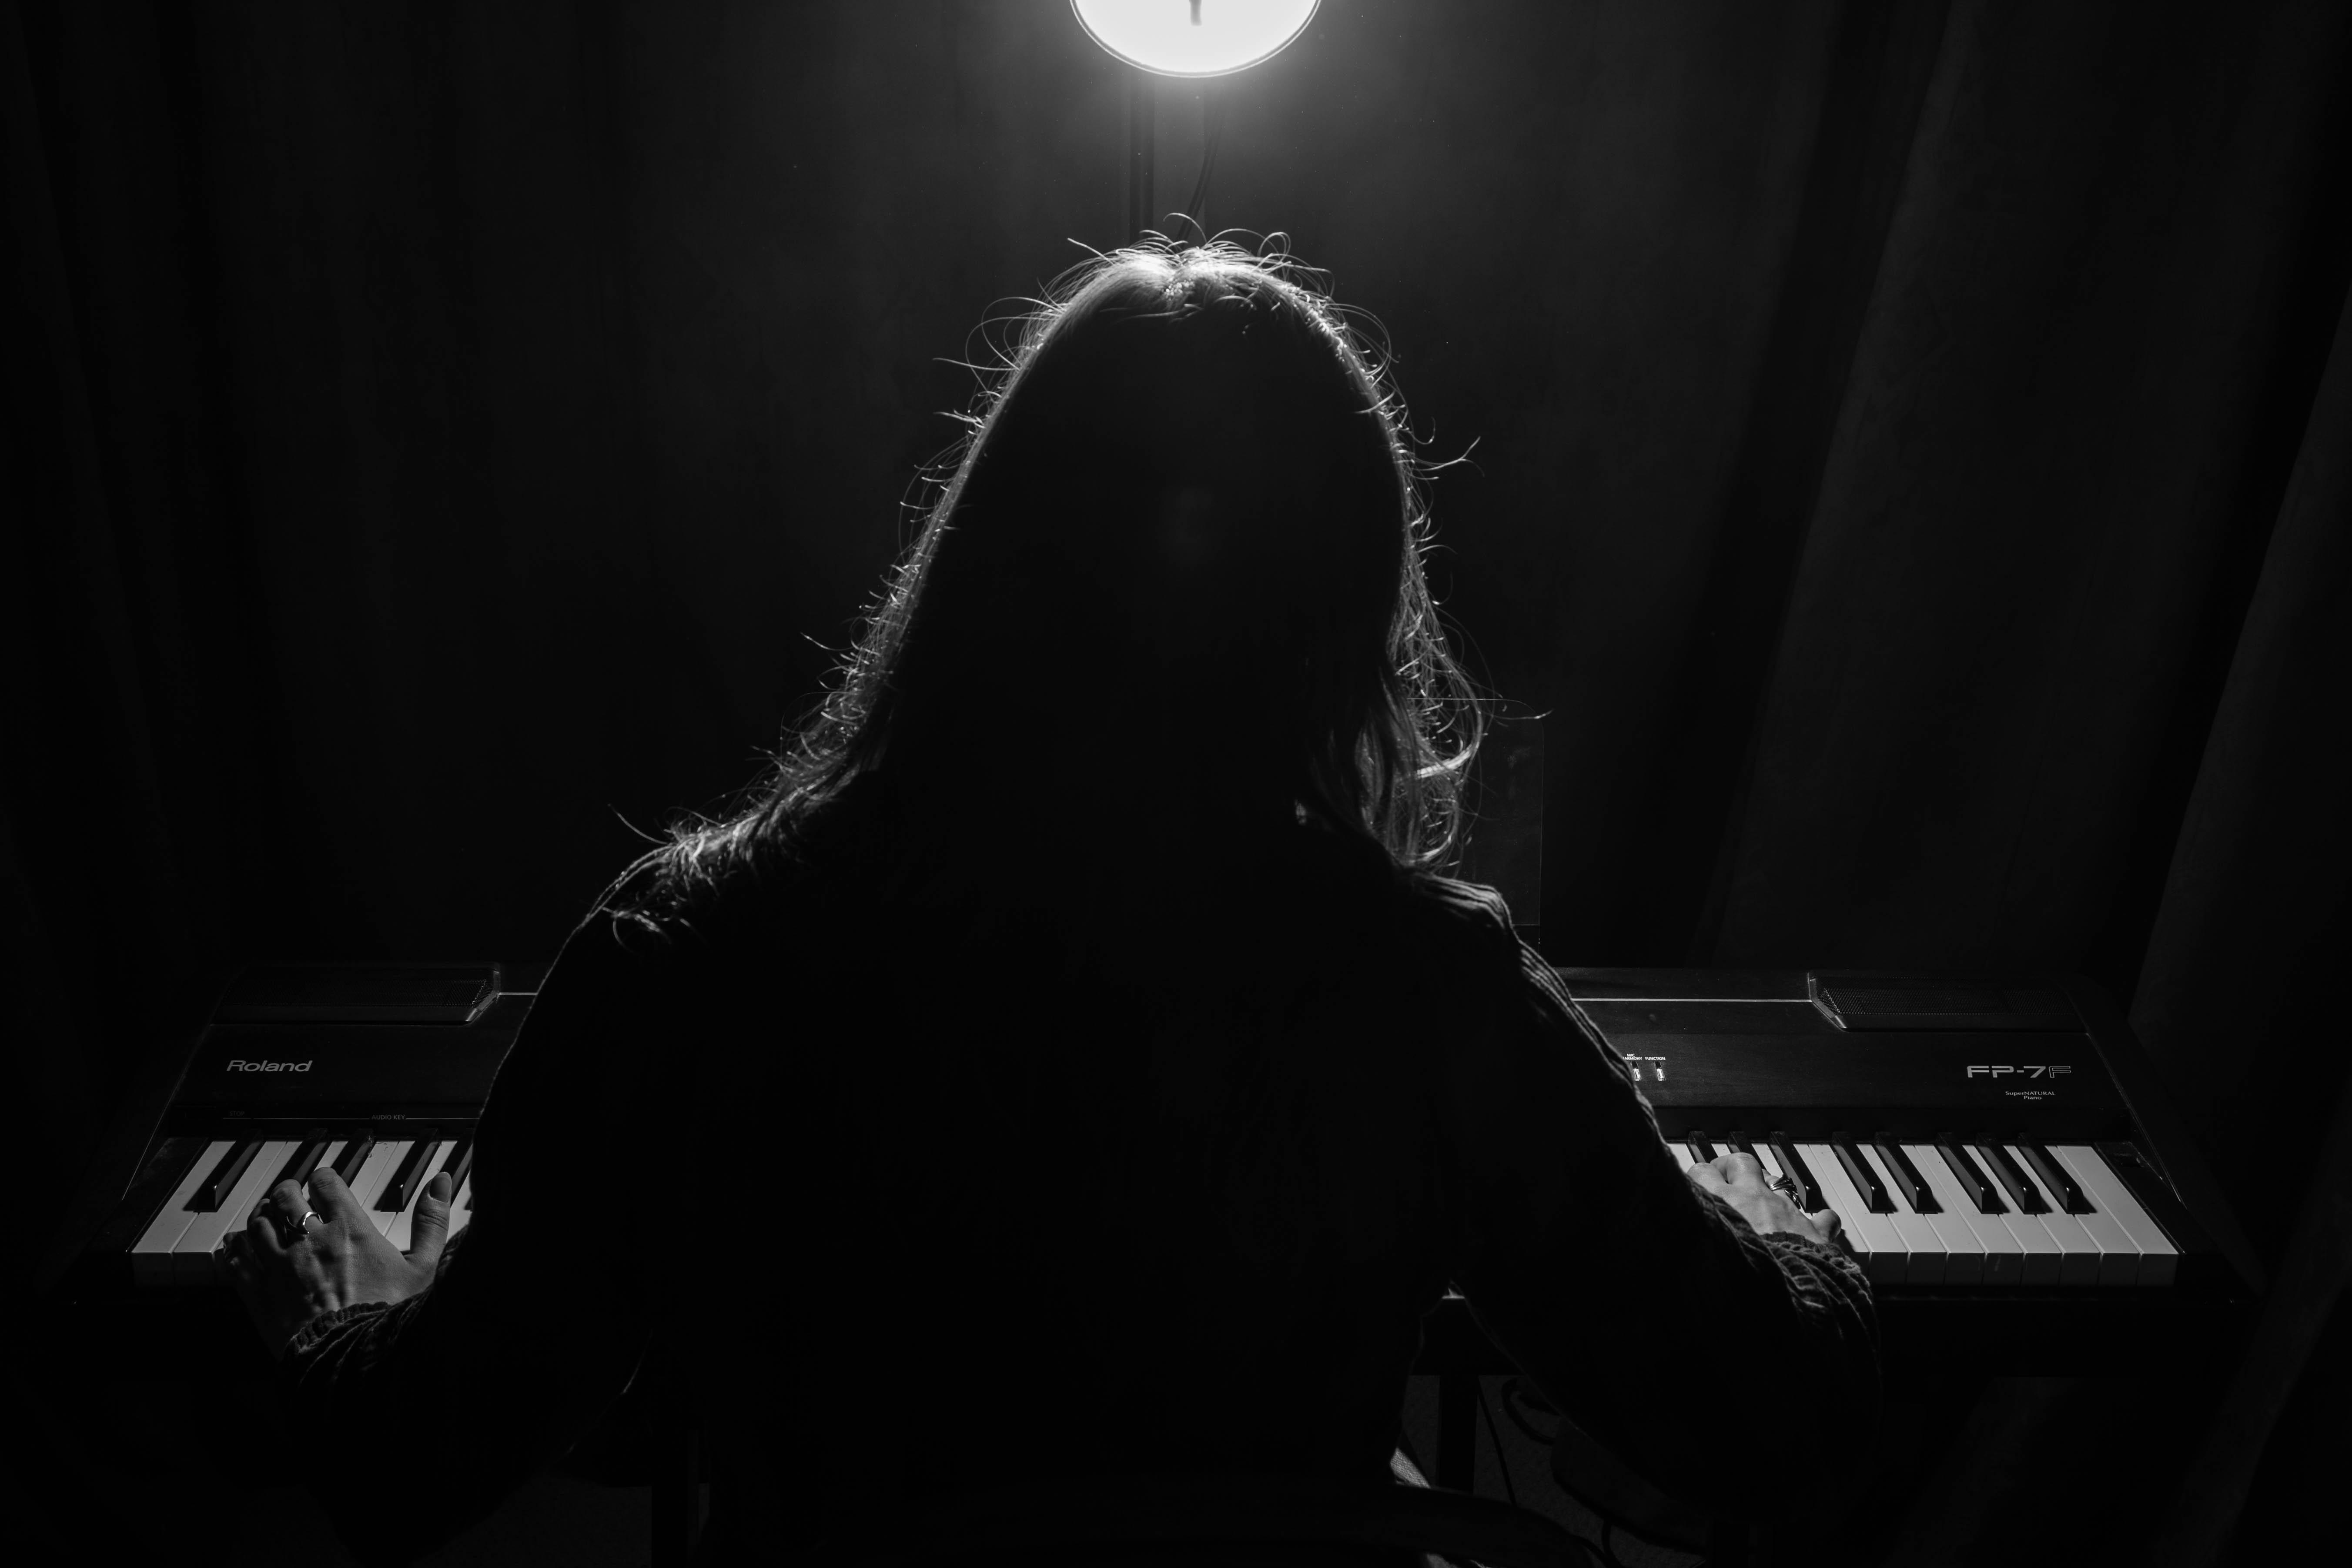 Zoë Moskal: Piano in the Dark